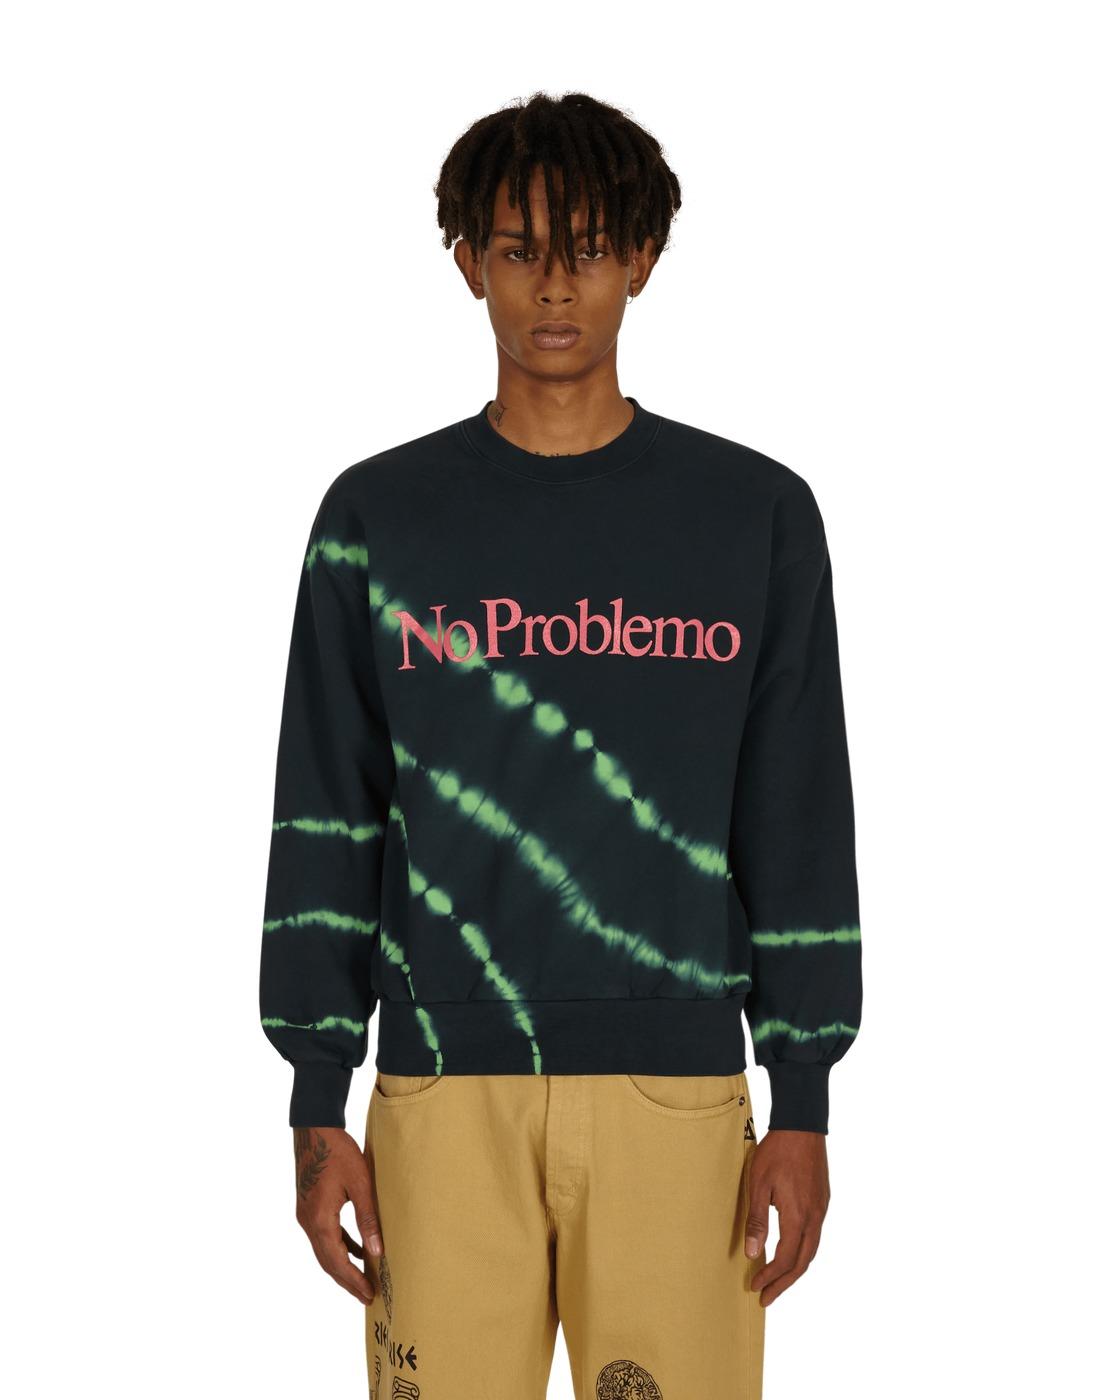 Aries Tie Dye No Problemo Crewneck Sweatshirt Green